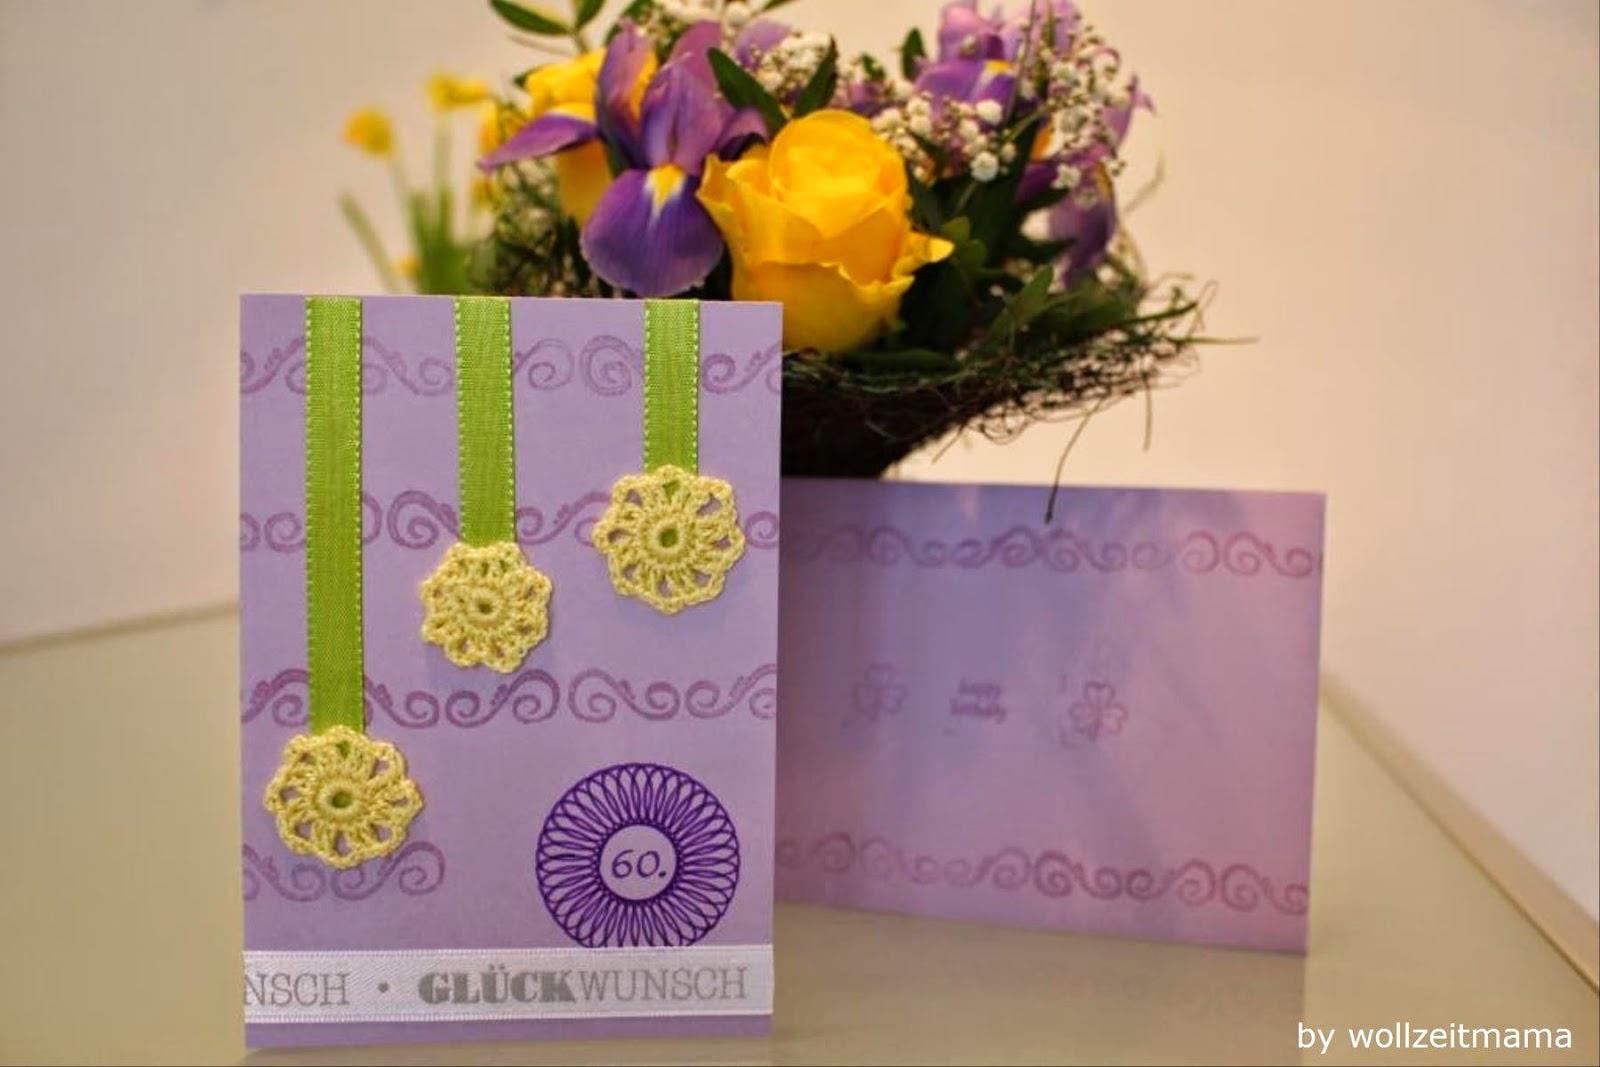 Atemberaubend Wollzeitmama: Geburtstagskarte selber basteln und häkeln @HV_59